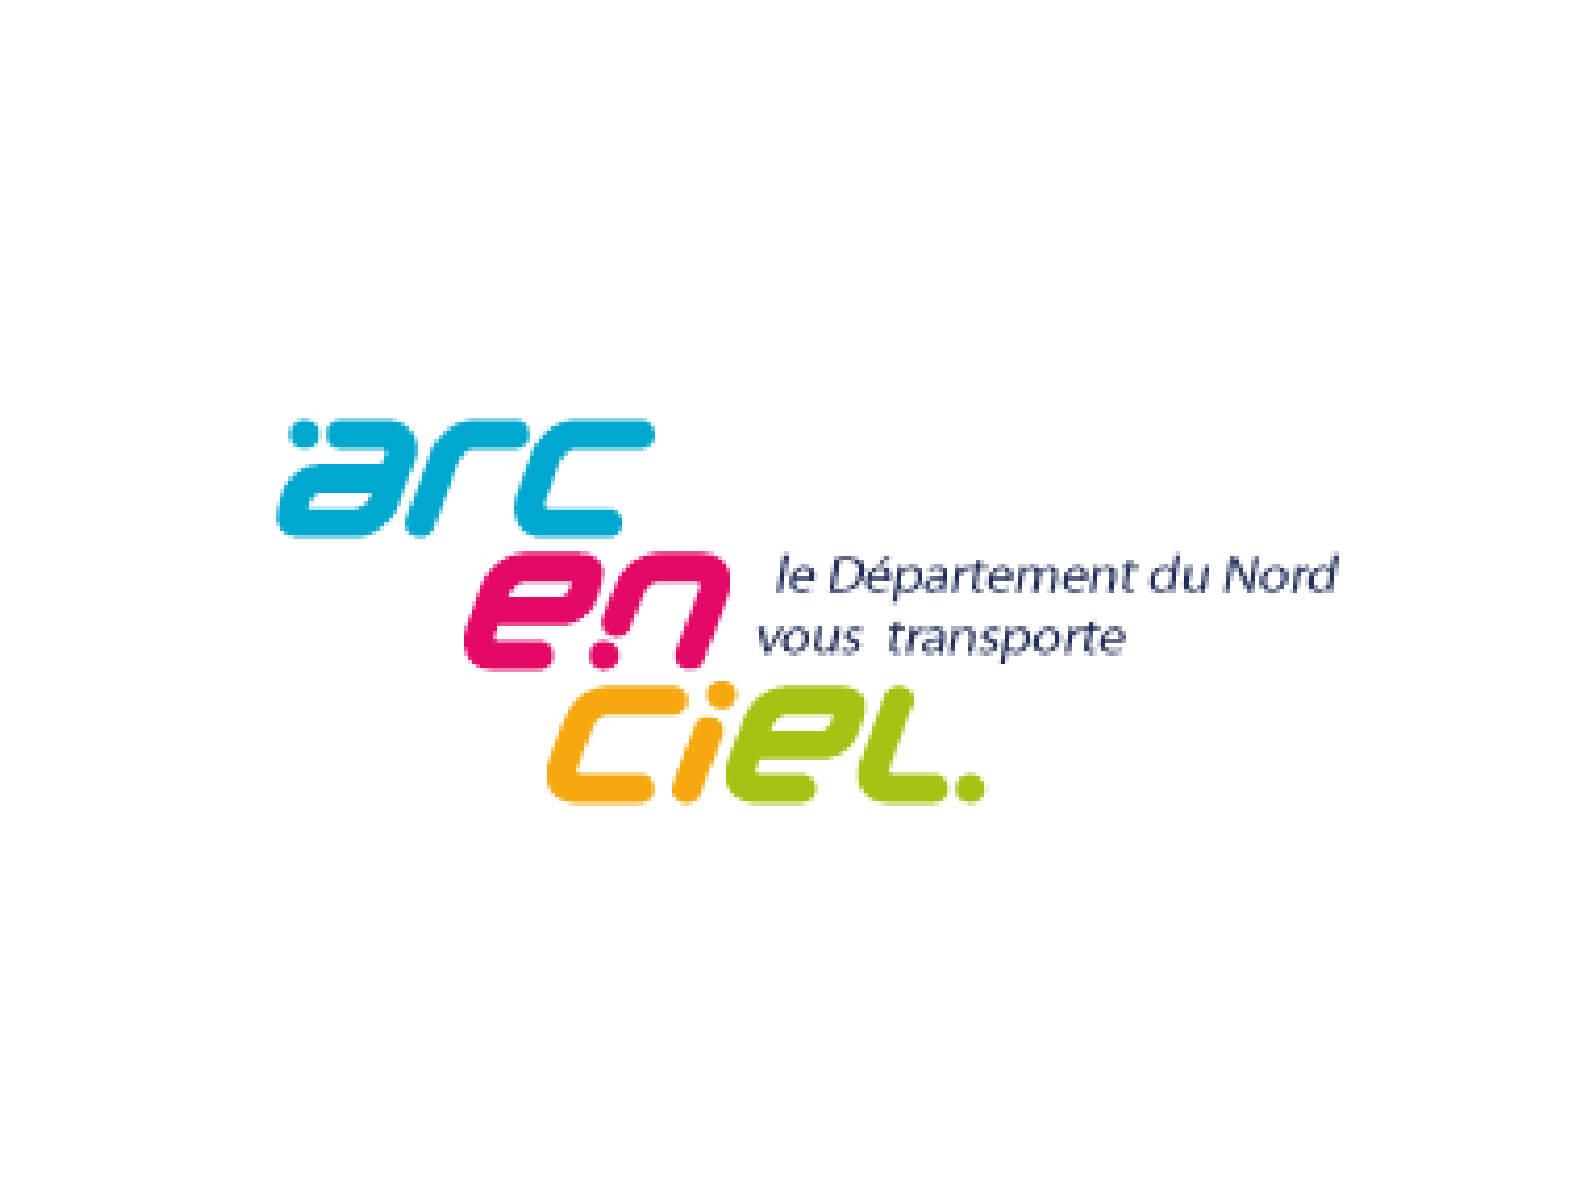 agence kayak communication web lille nord arc en ciel transport logo